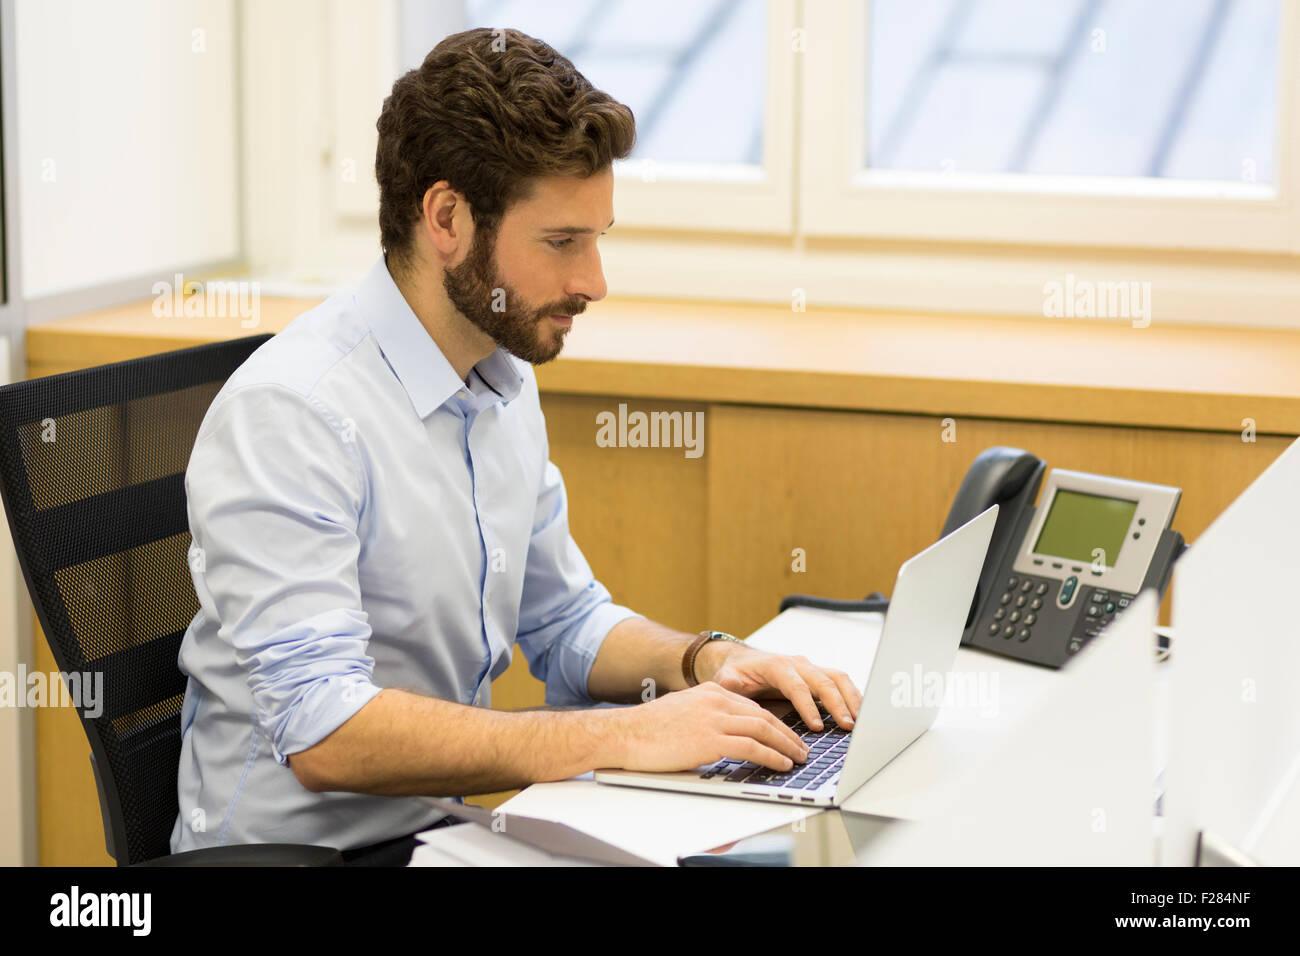 Présentation professionnelle businessman typing on laptop travail Banque D'Images